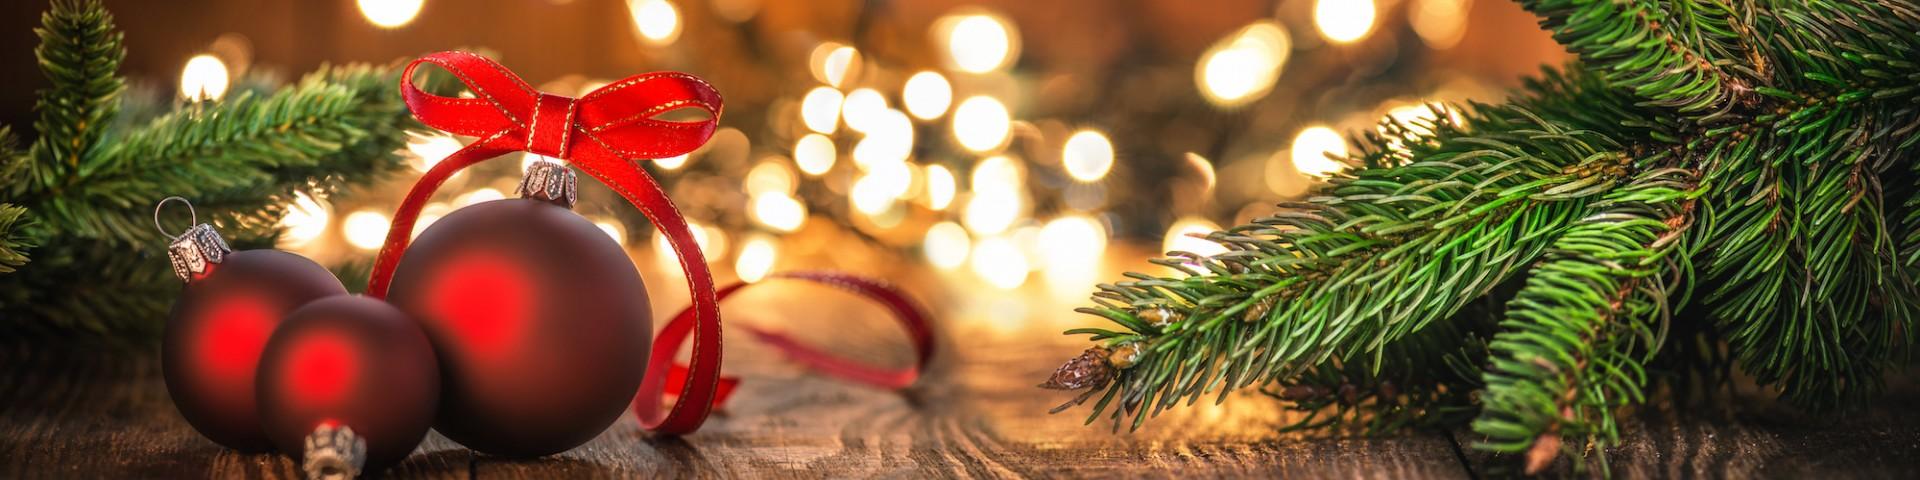 Regali di Natale 2019: cd e vinili da acquistare su Amazon